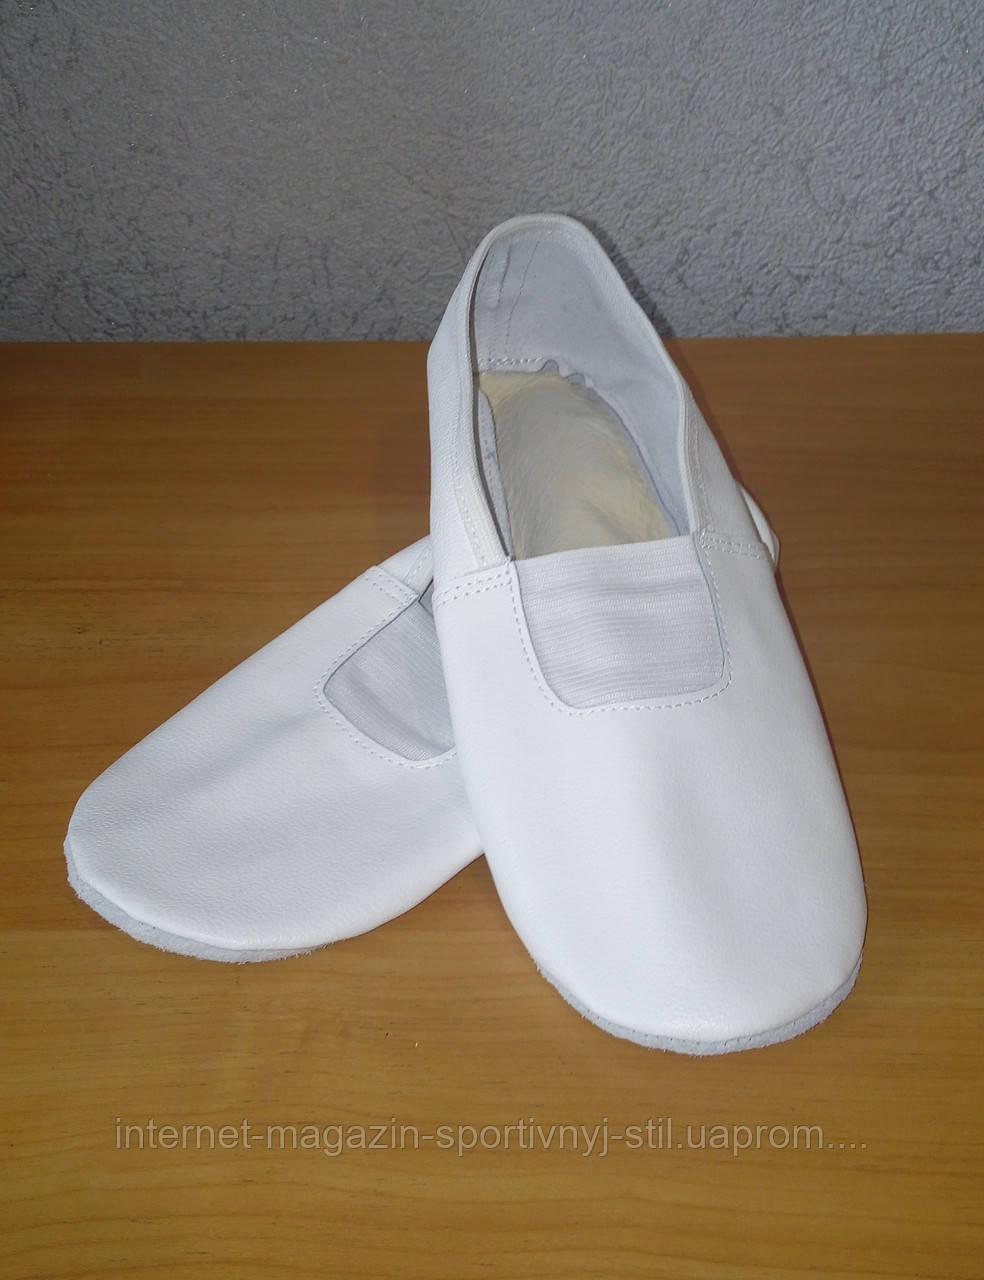 Чешки кожаные  белые подростковые и для взрослых 23-25,5 см